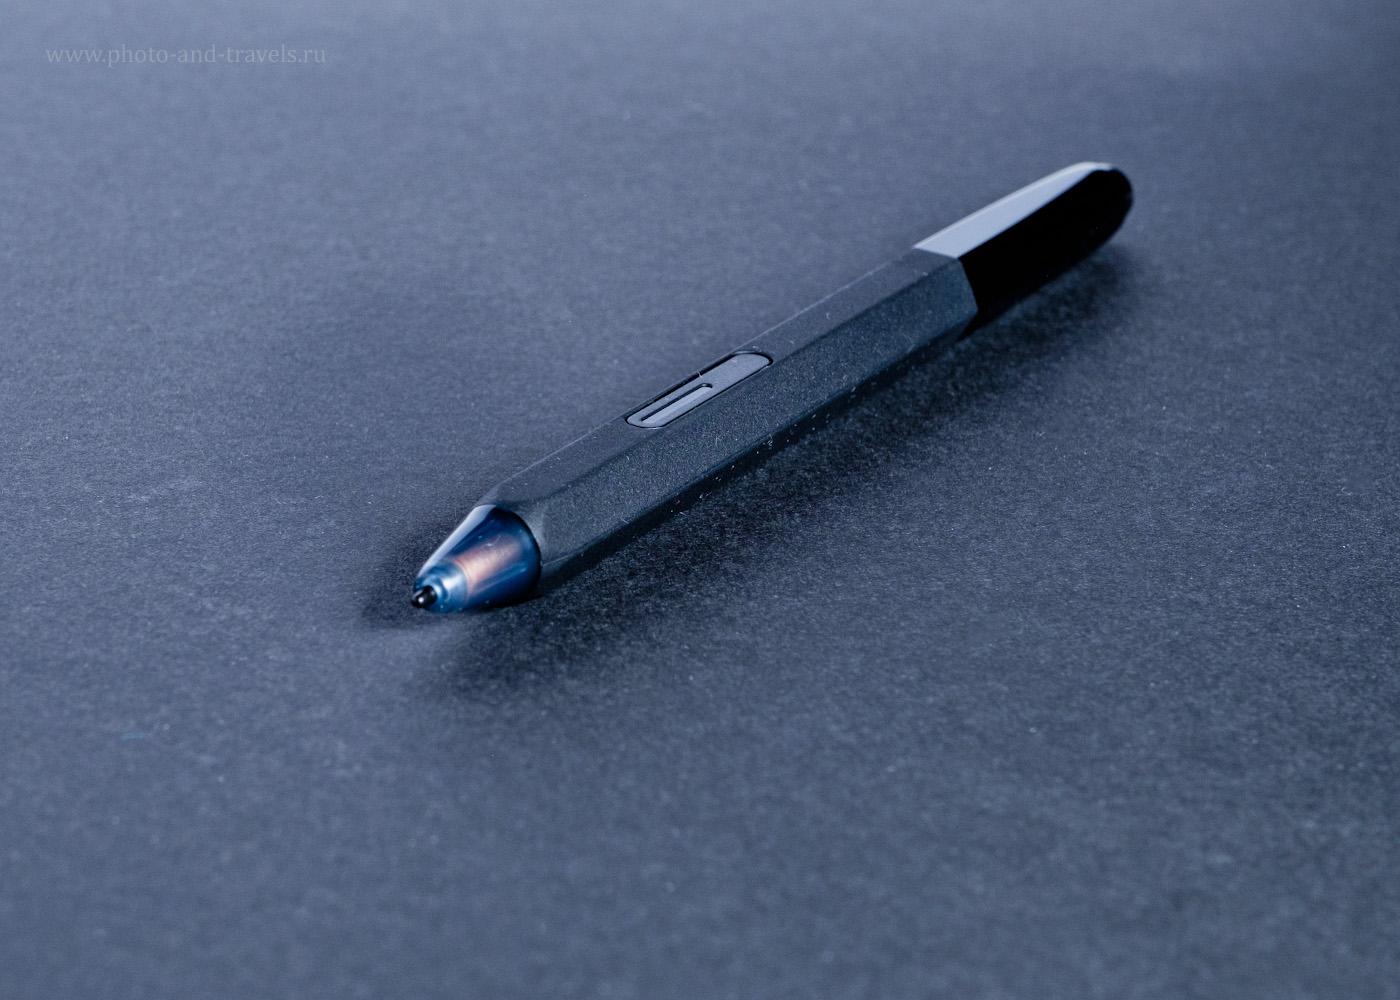 Фотография 5. Новейший стилус XP-PEN P06, идущий в комплекте с планшетом Deco 02, имеет одну кнопку (правая кнопка мыши) и цифровой ластик, совместимый с редактором «Фотошоп». 1/180, 10.0, 320, 55.